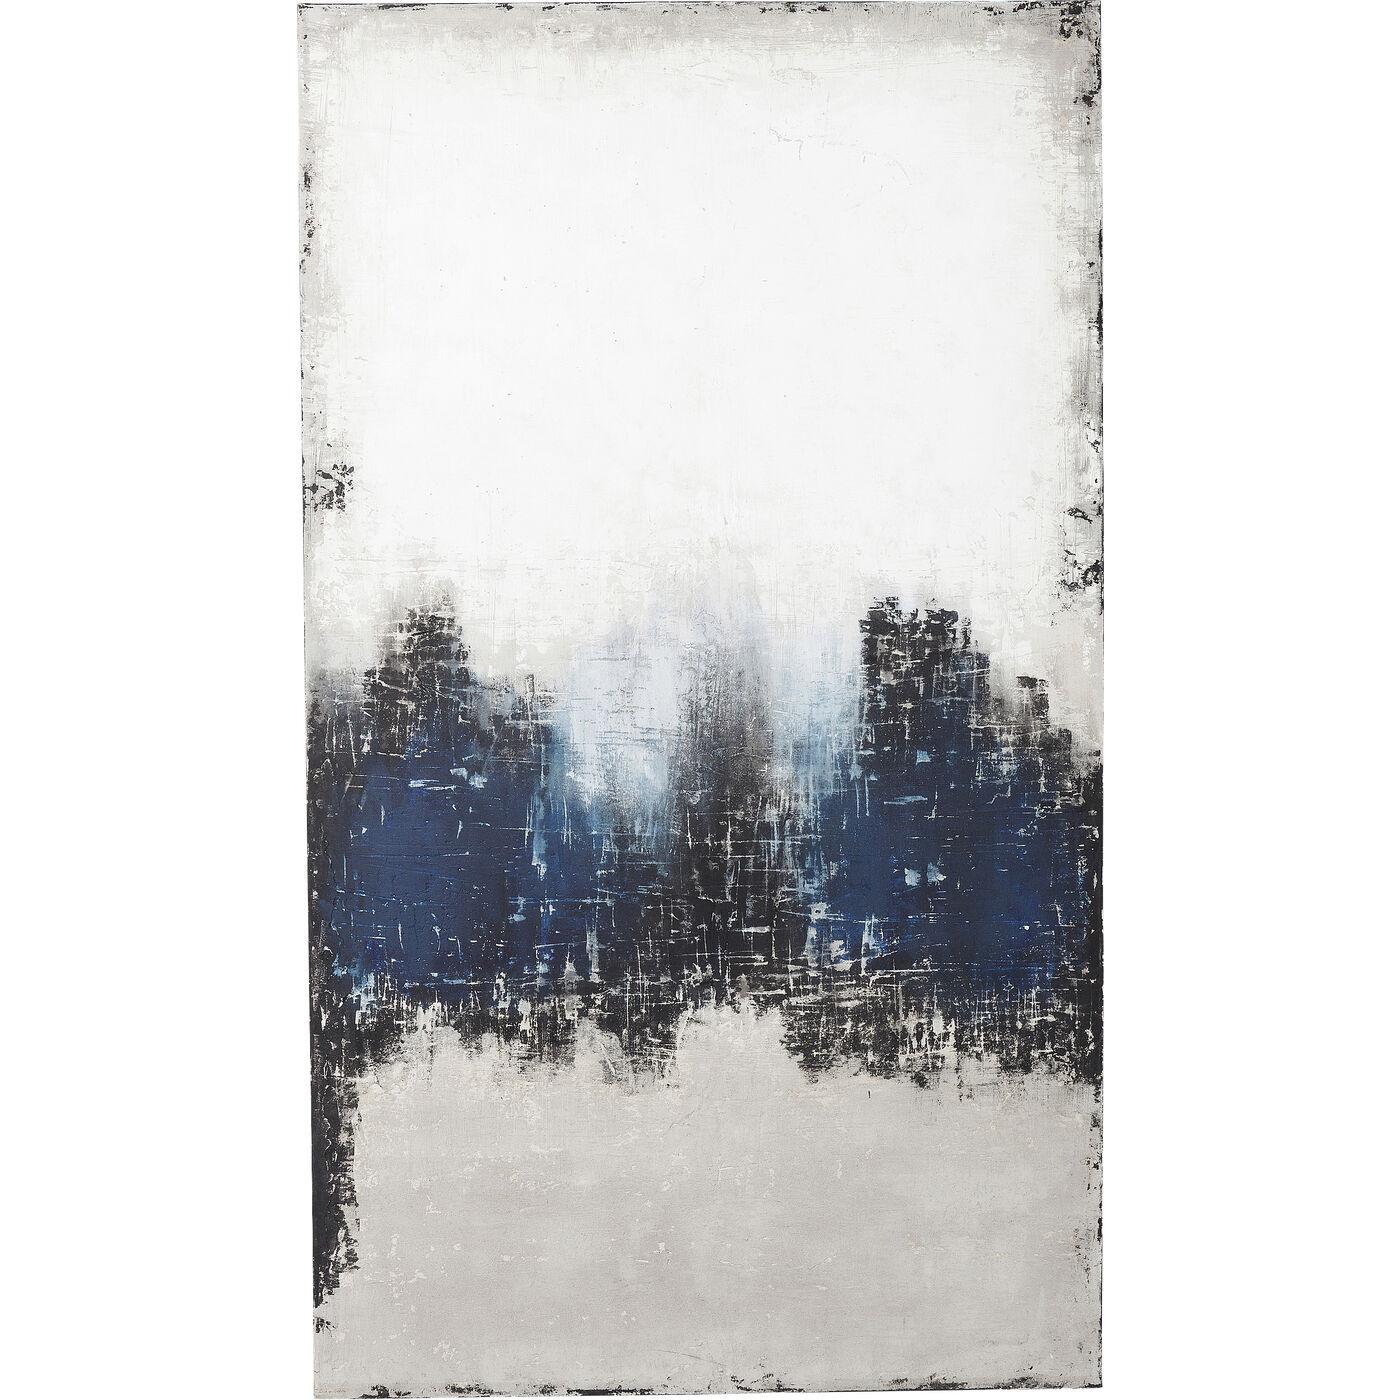 Acrylbild Abstract Into The Sea 210x120cm